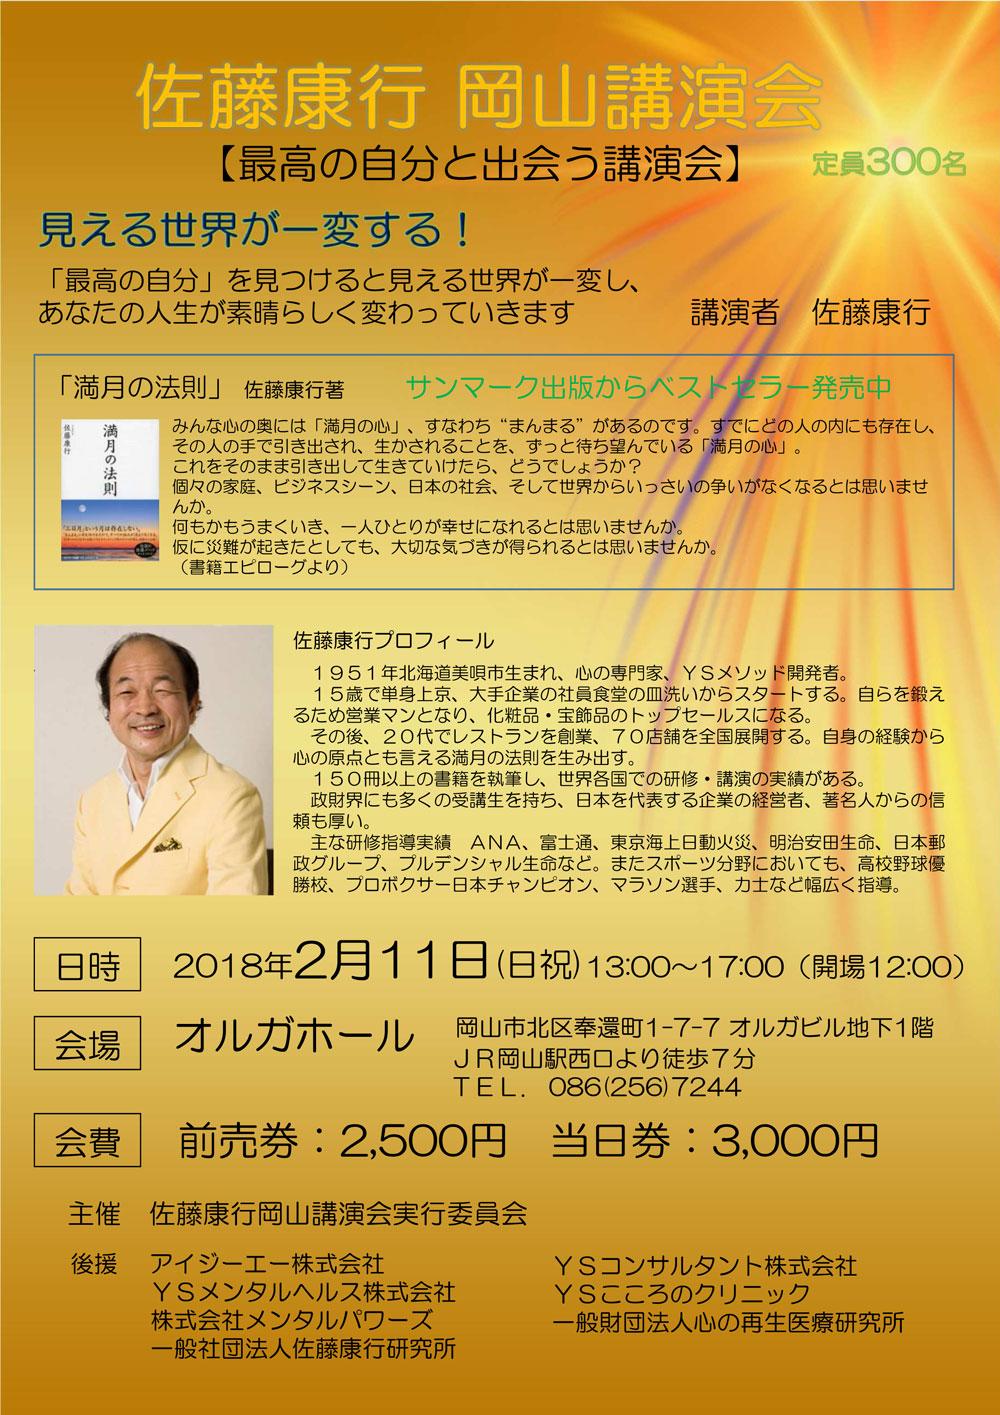 佐藤康行岡山講演会